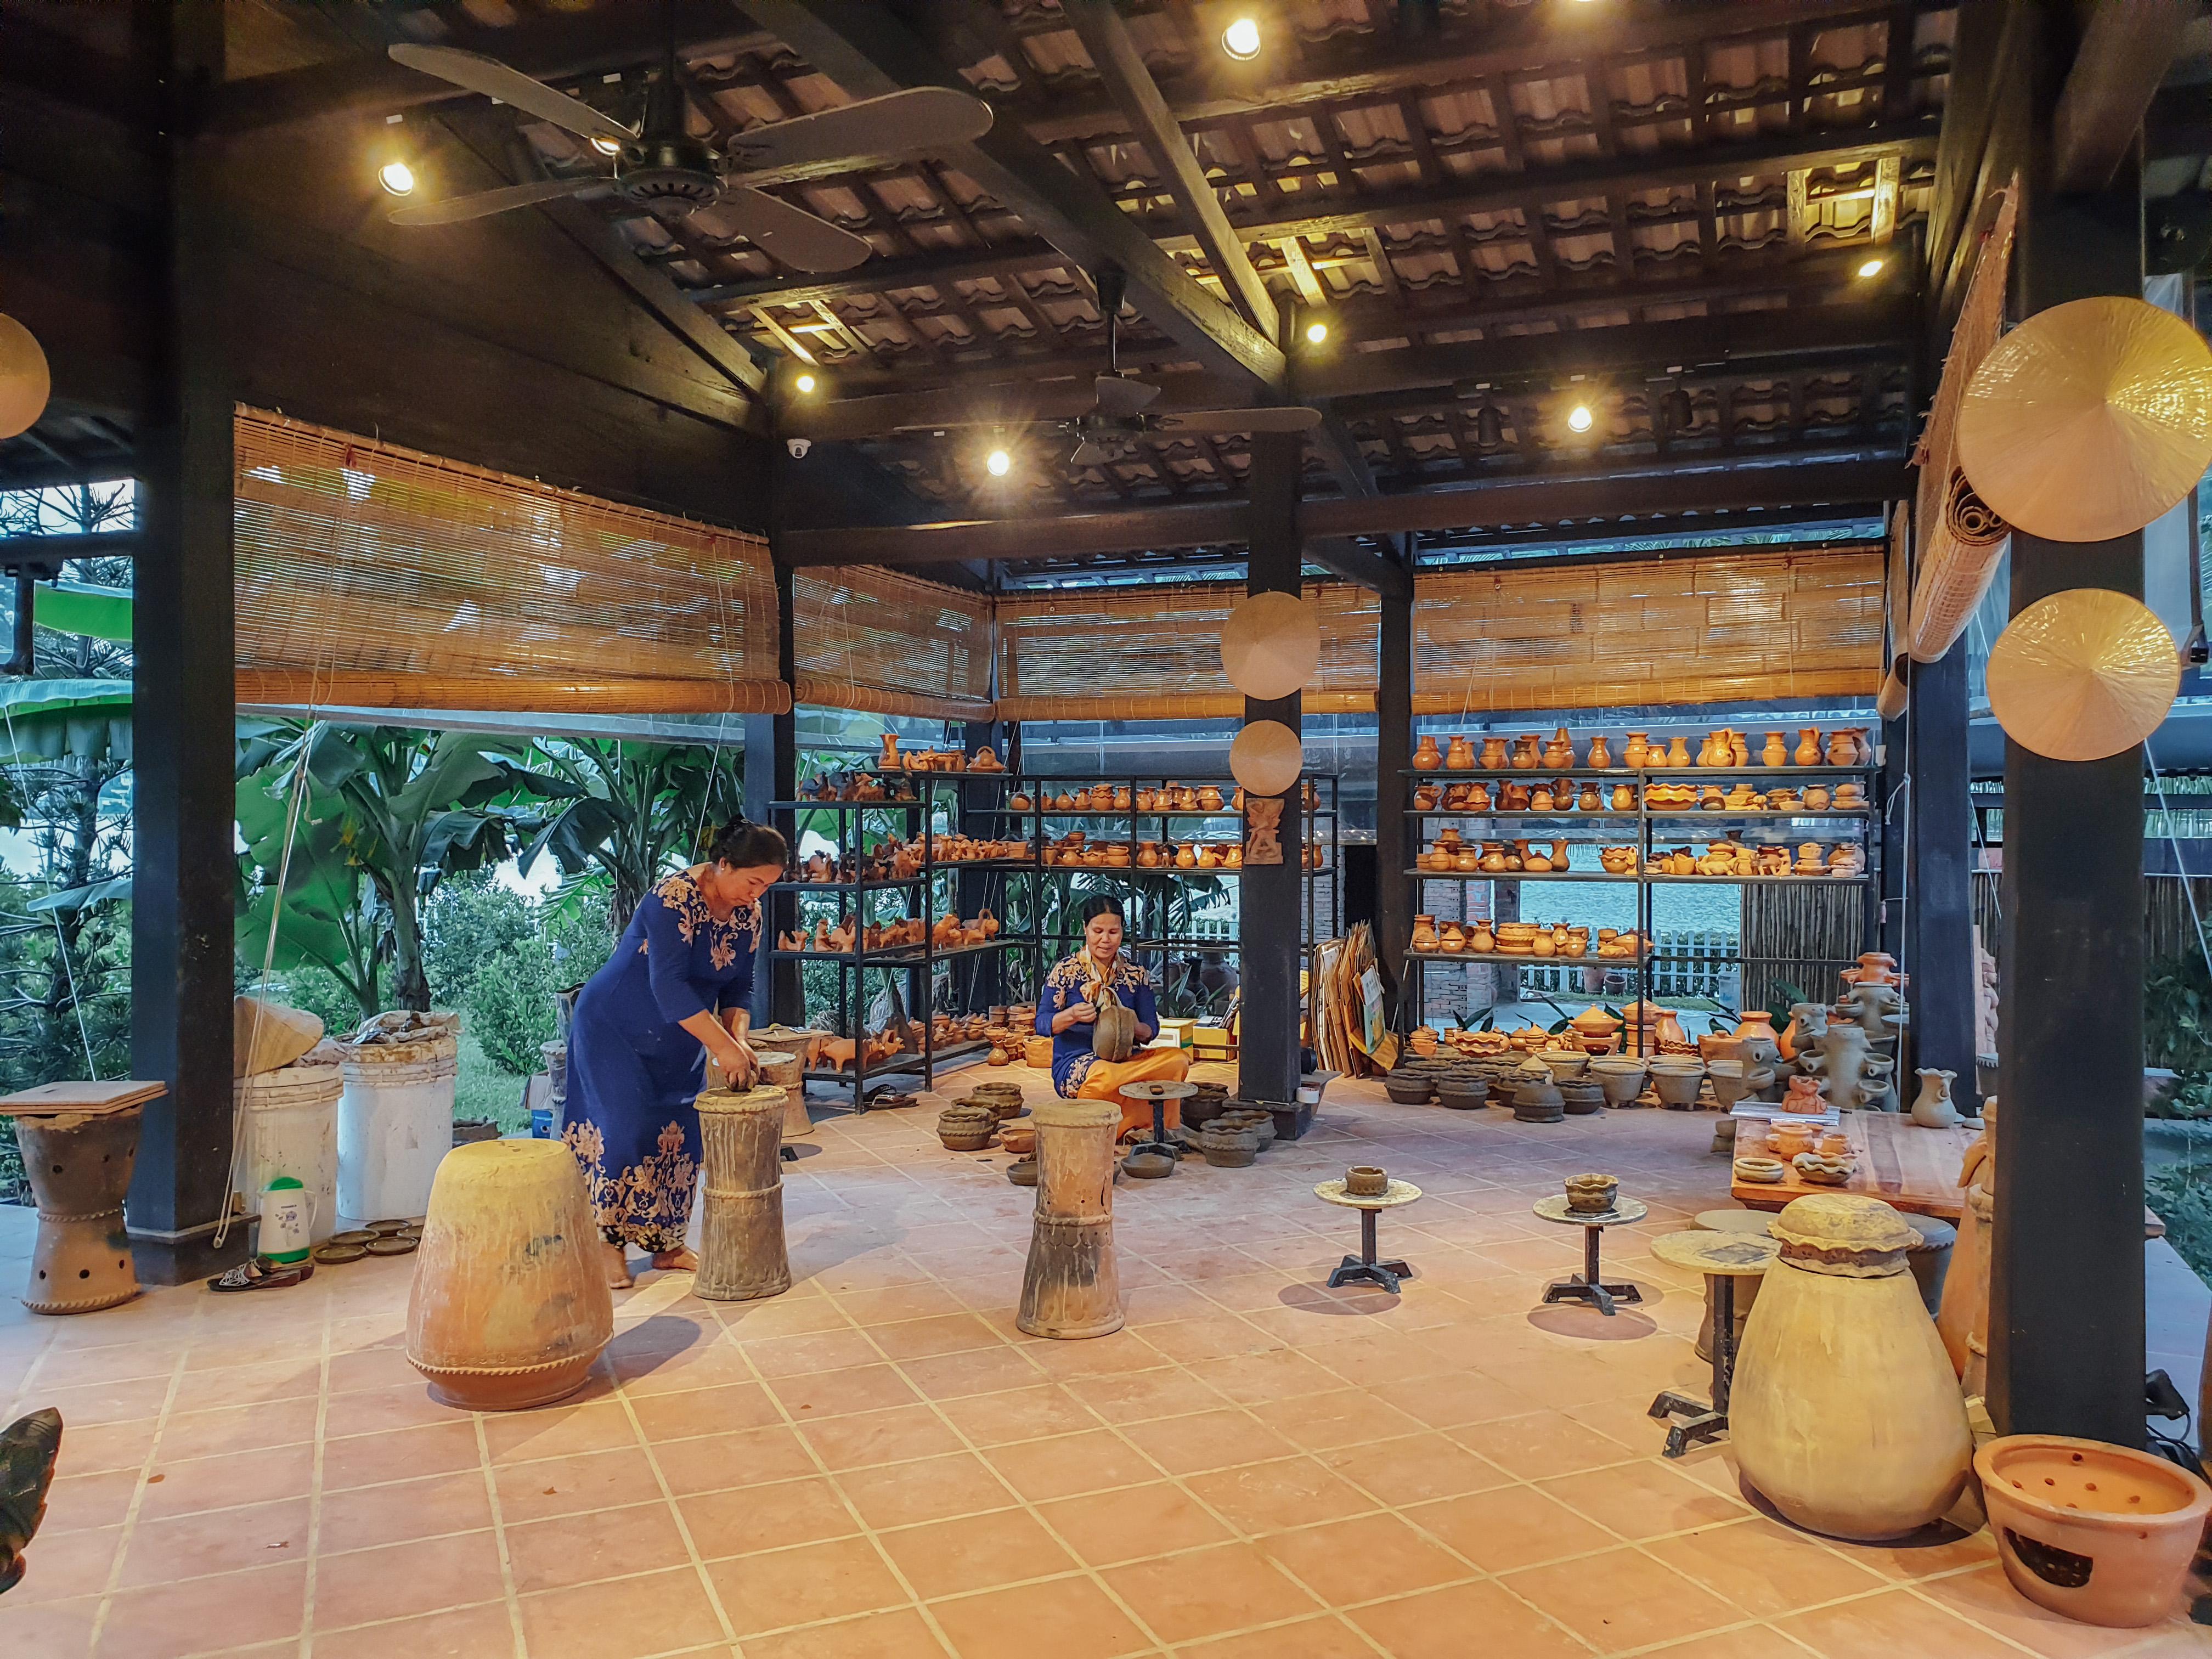 Nghệ nhân người Chăm trình diễn kỹ thuật làm gốm Chăm truyền thống tại Champa Island Nha Trang. (Ảnh chụp trước dịch Covid-19)